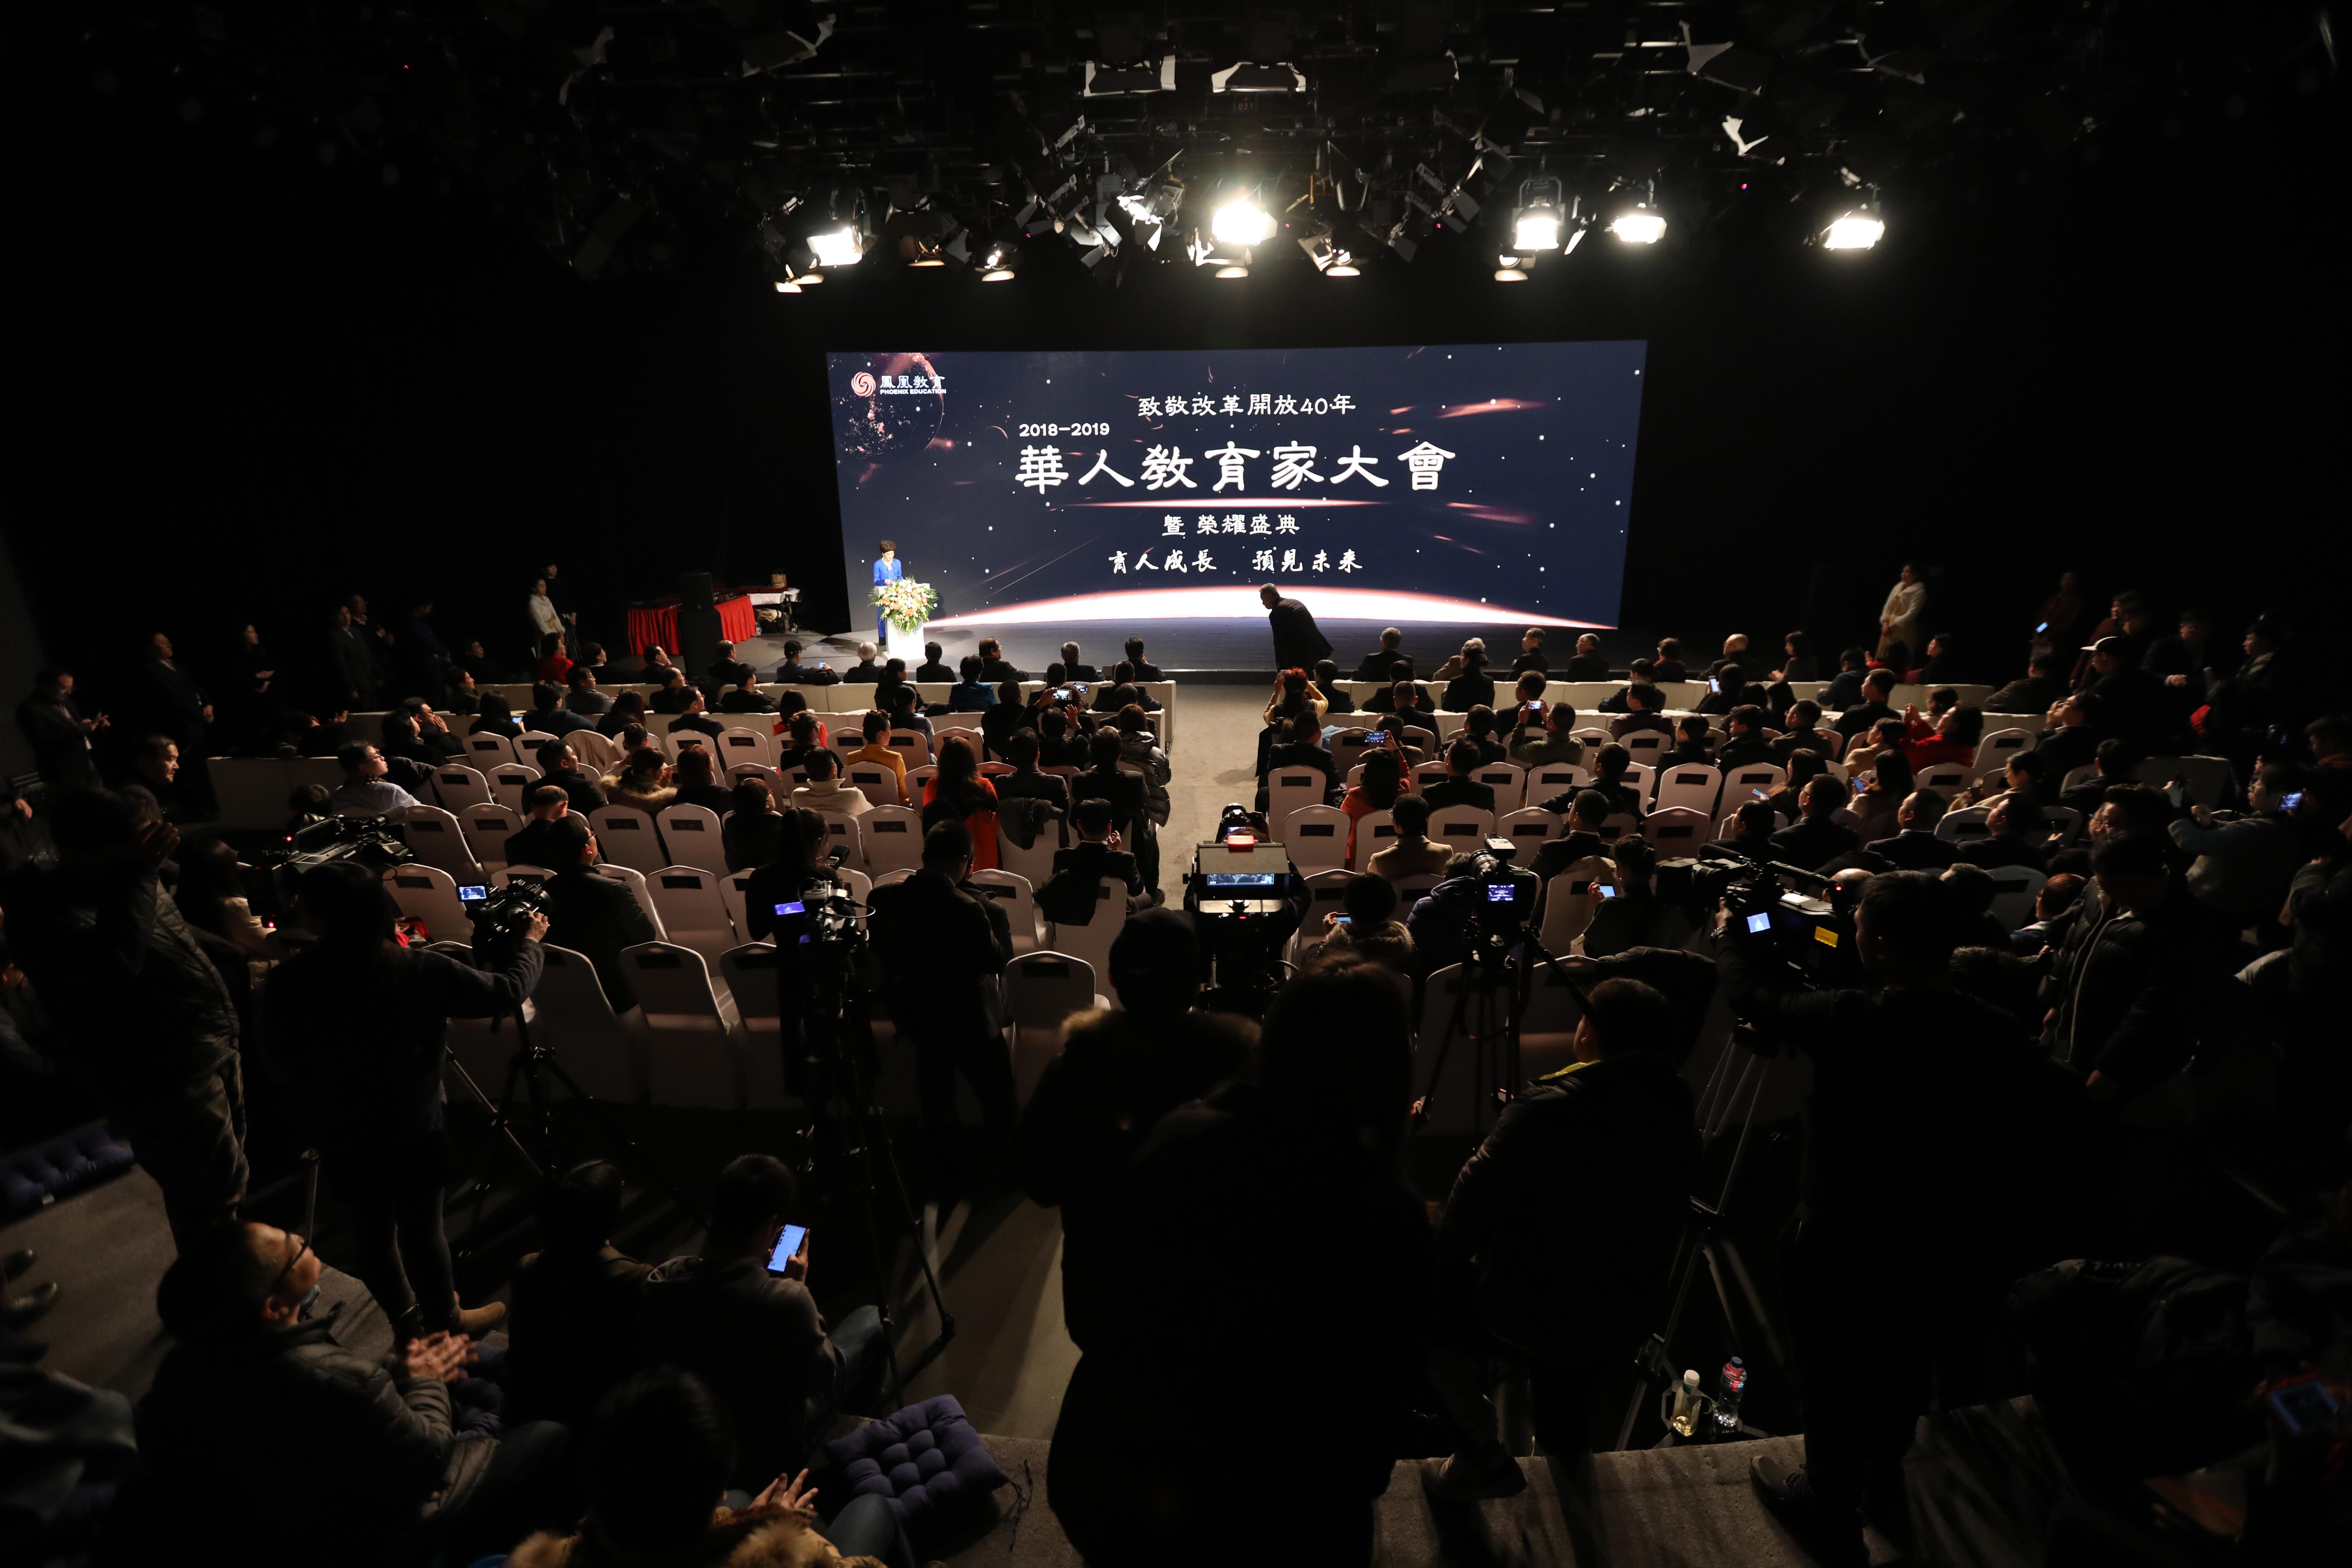 2018-2019华人教育家大会